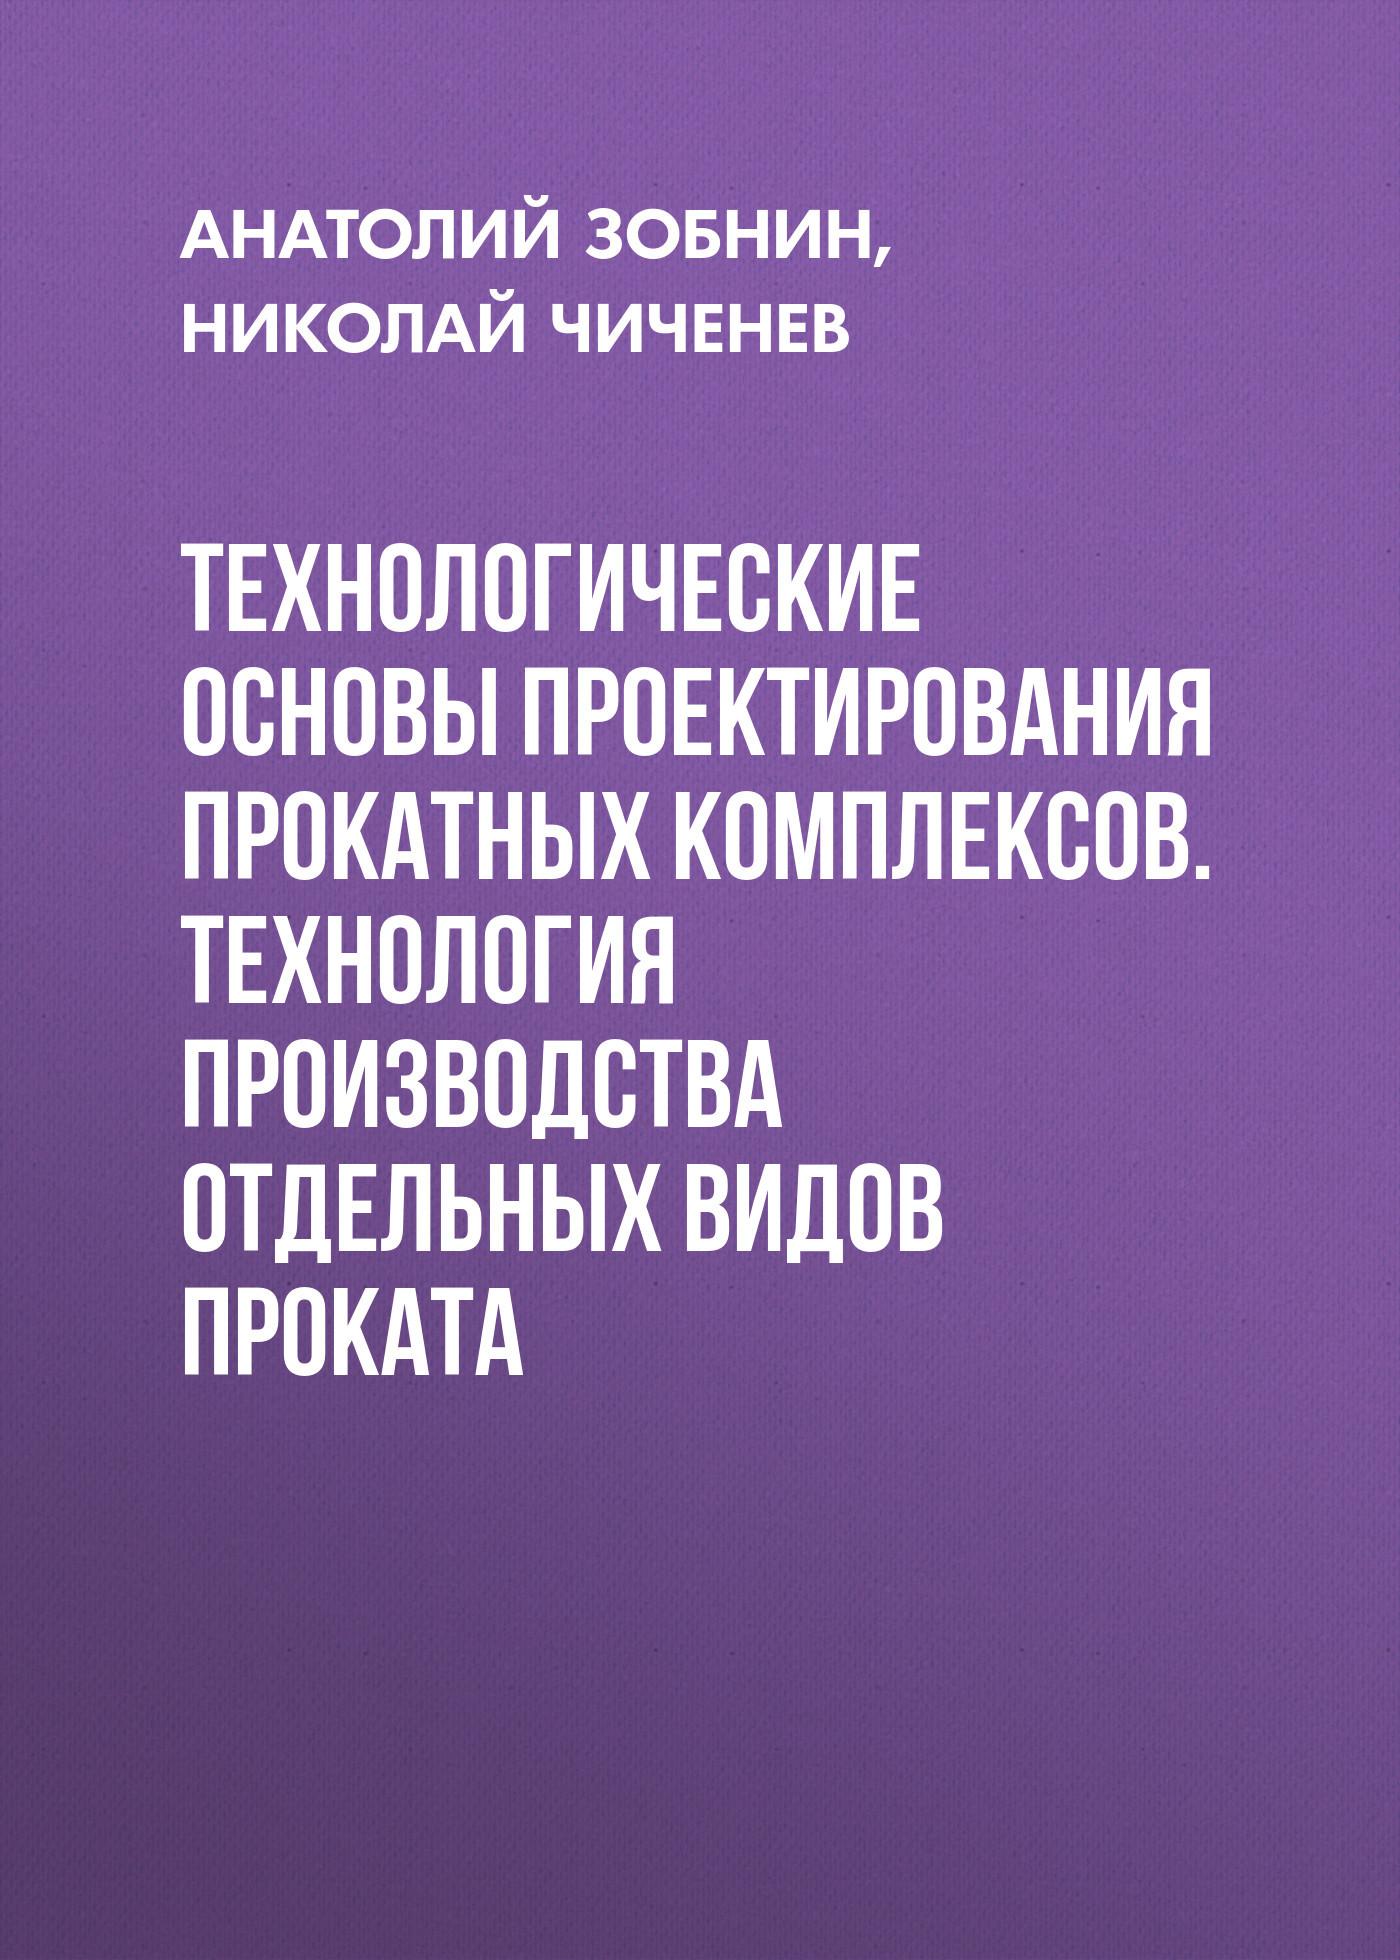 Анатолий Зобнин Технологические основы проектирования прокатных комплексов. Технология производства отдельных видов проката